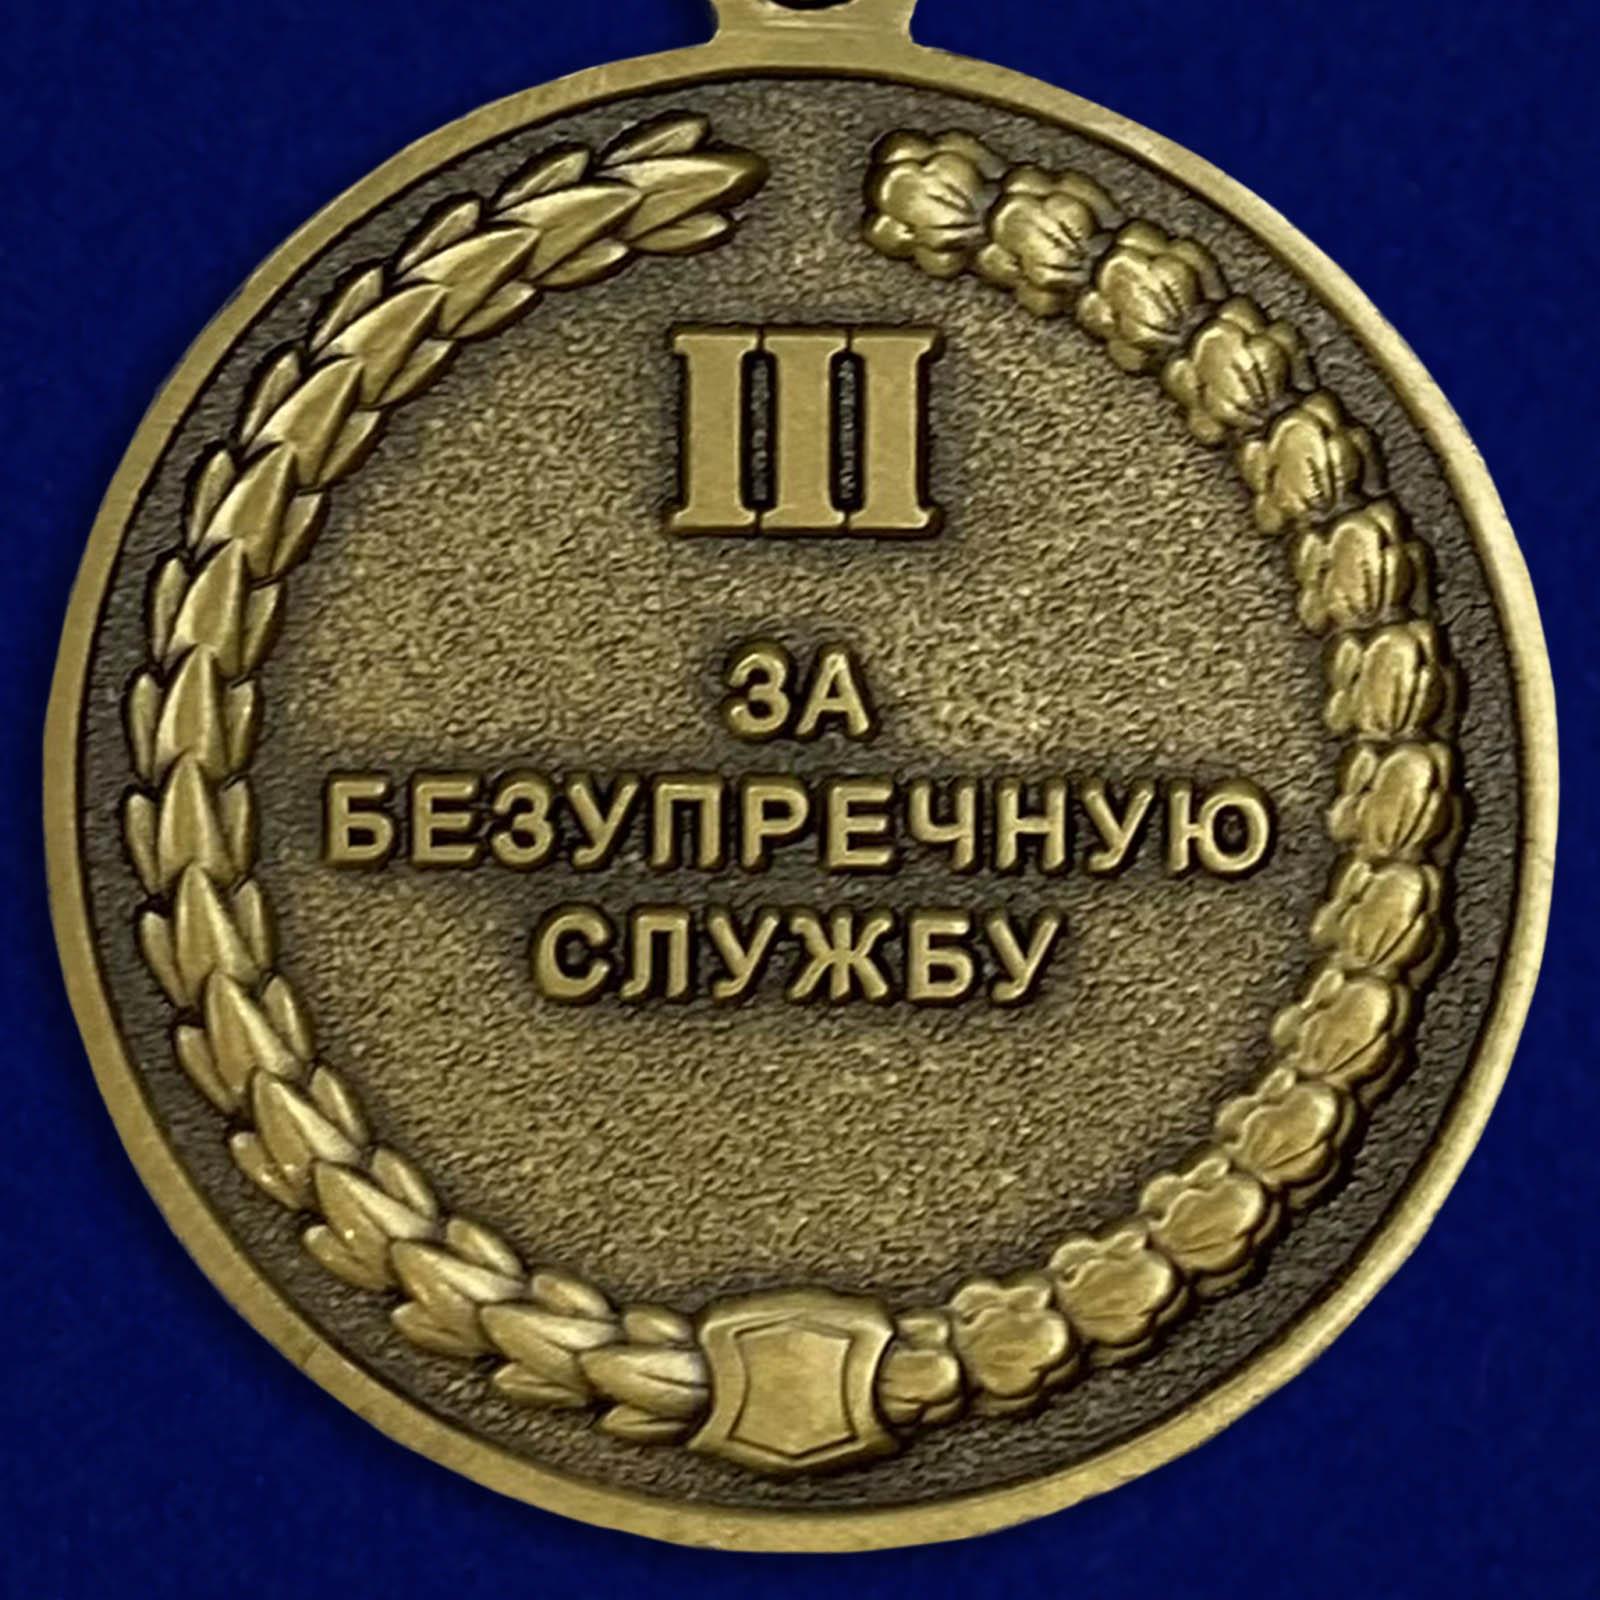 Медаль СК РФ За безупречную службу 3 степени